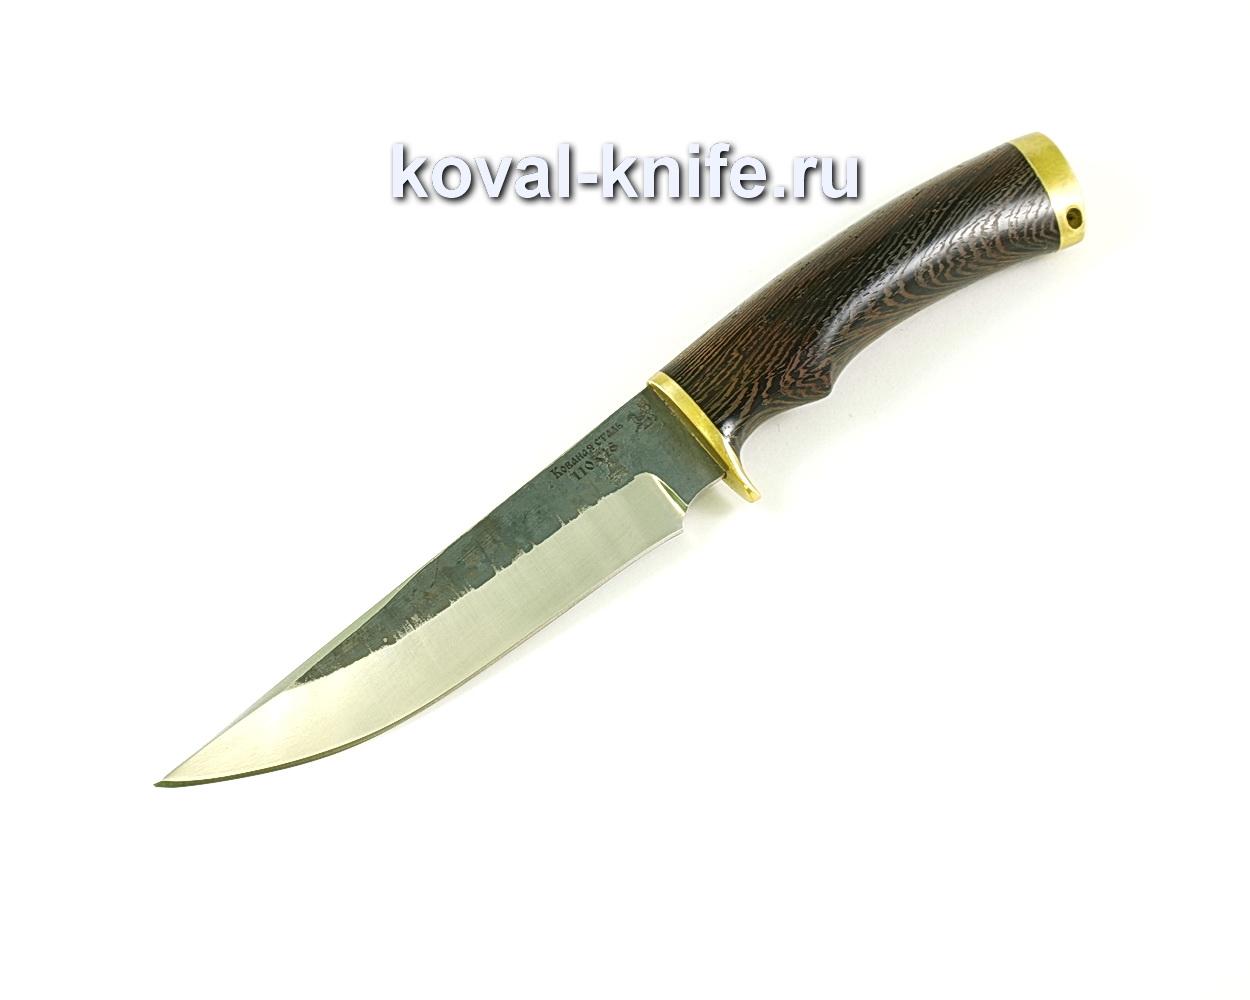 нож лис (сталь 110х18), рукоять венге, литье